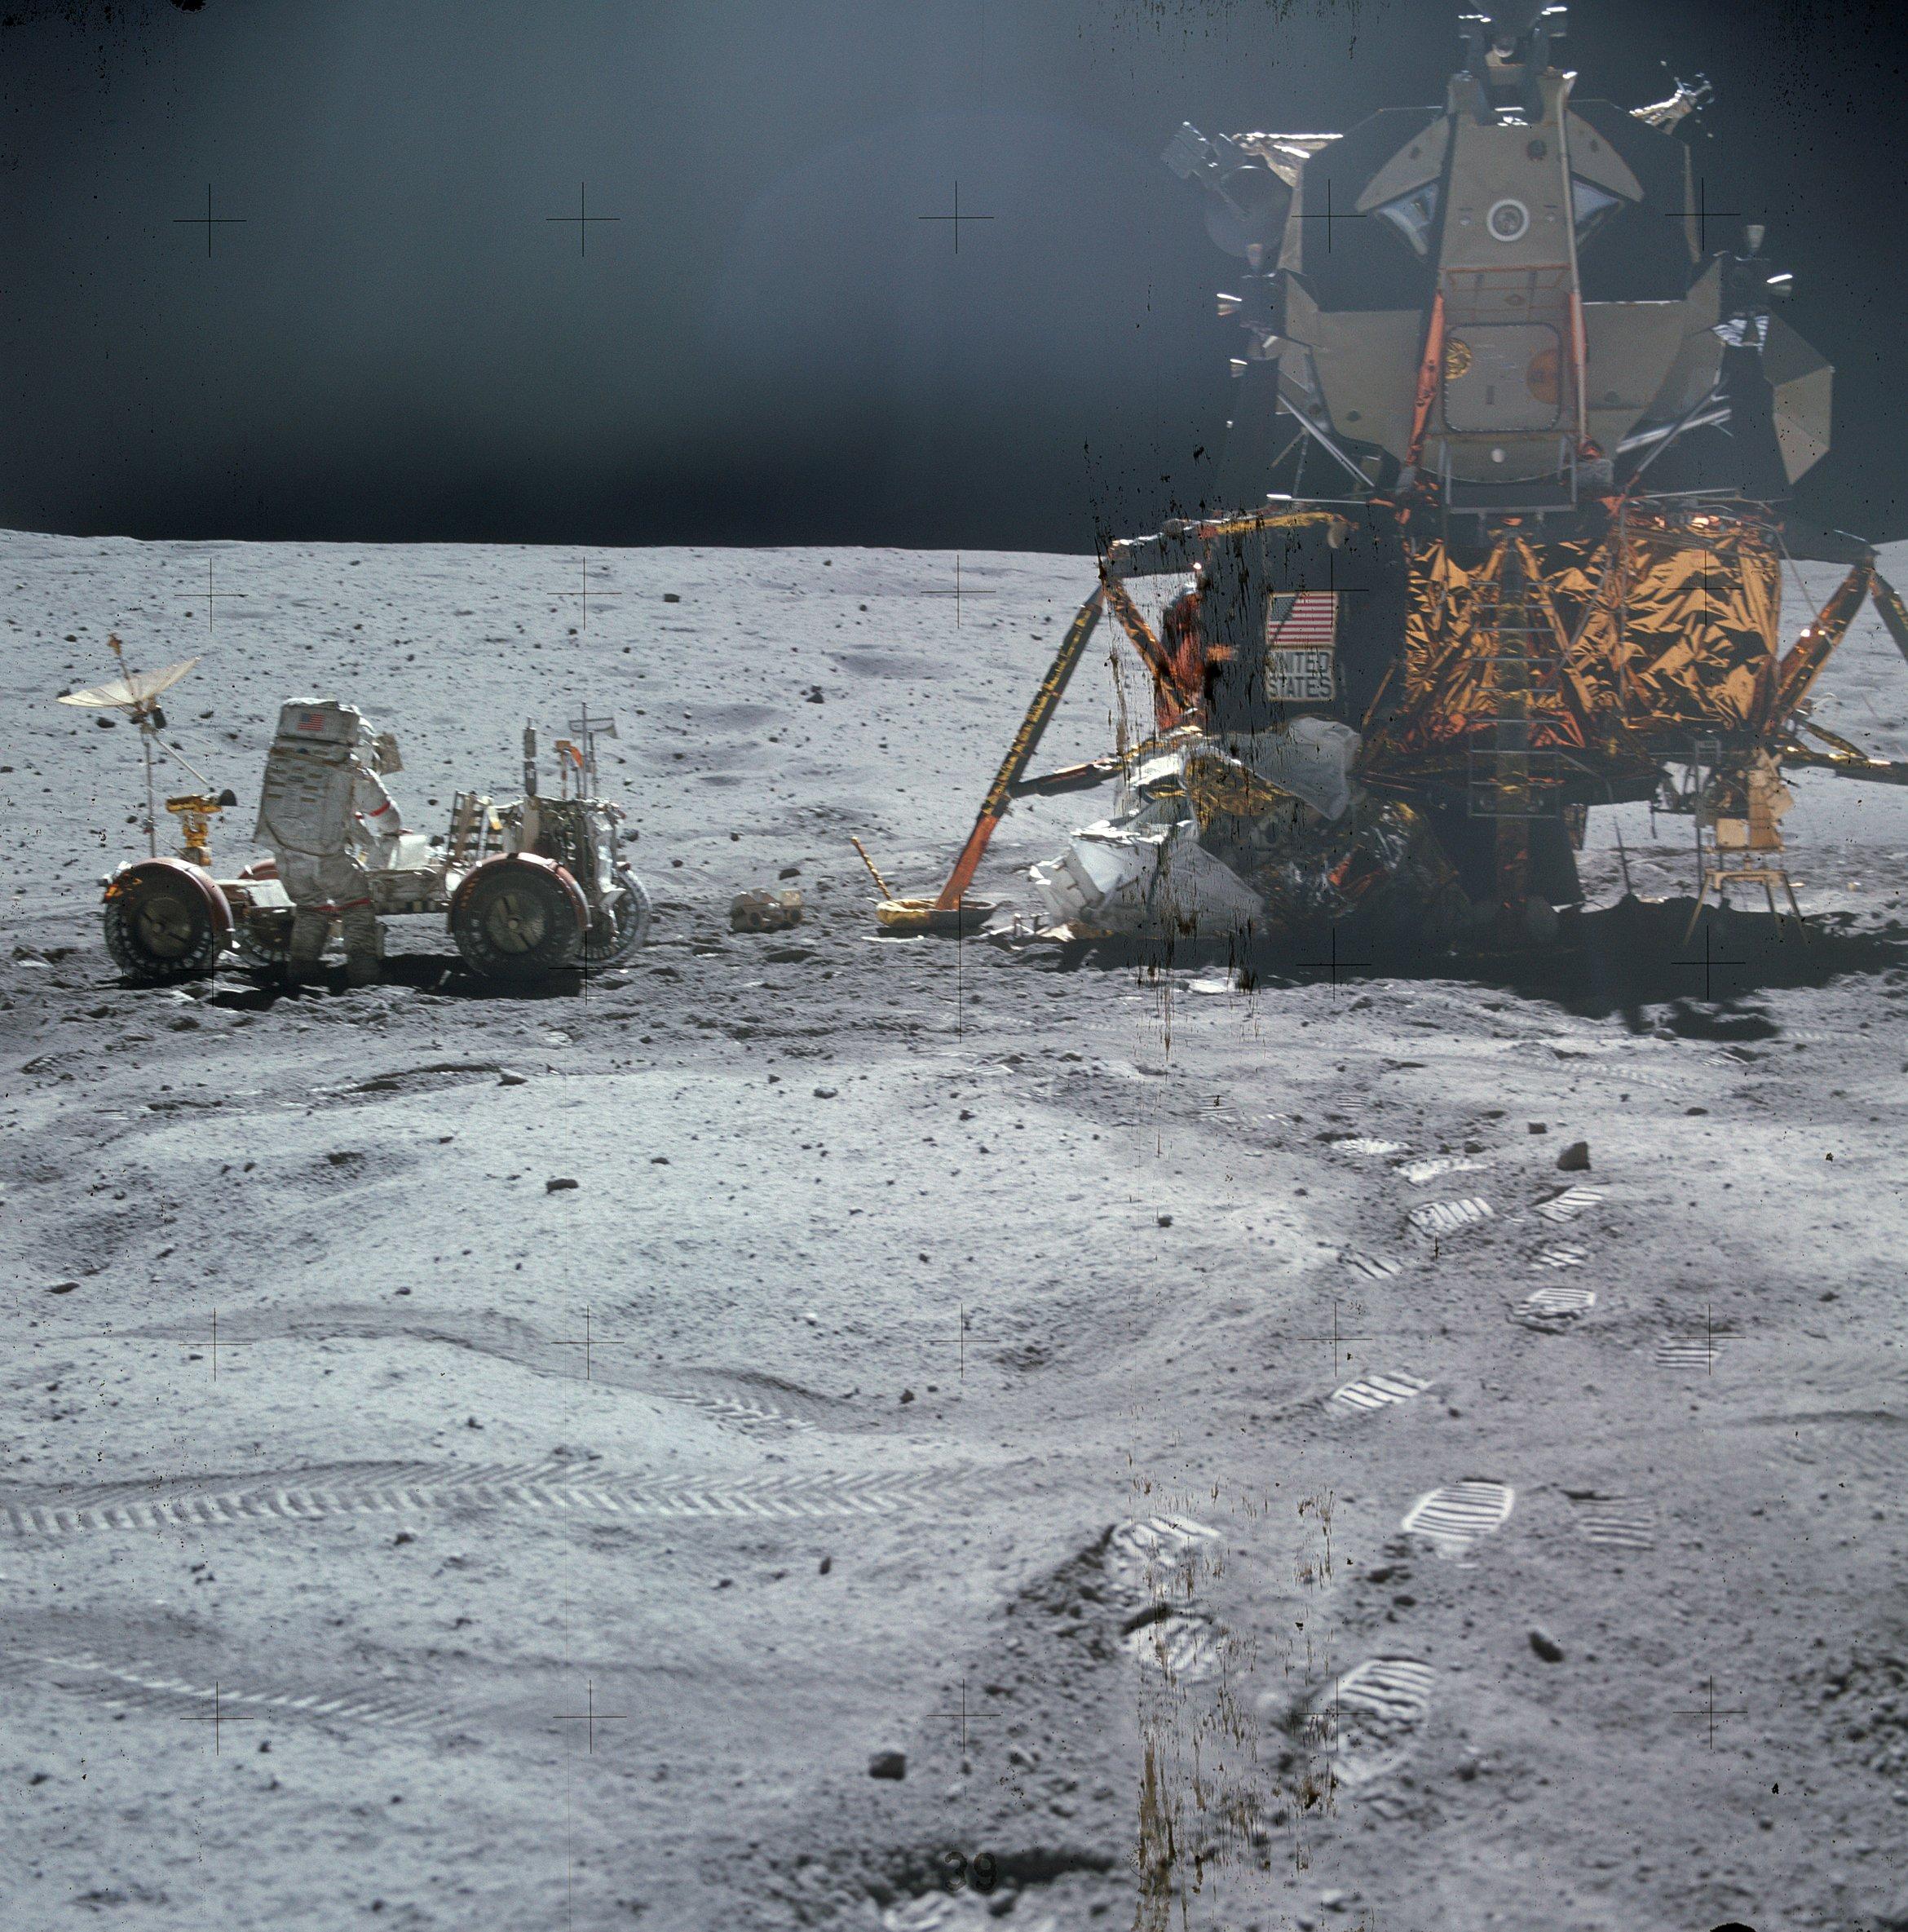 यंग चन्द्रयान और चन्द्रवाहन के पास